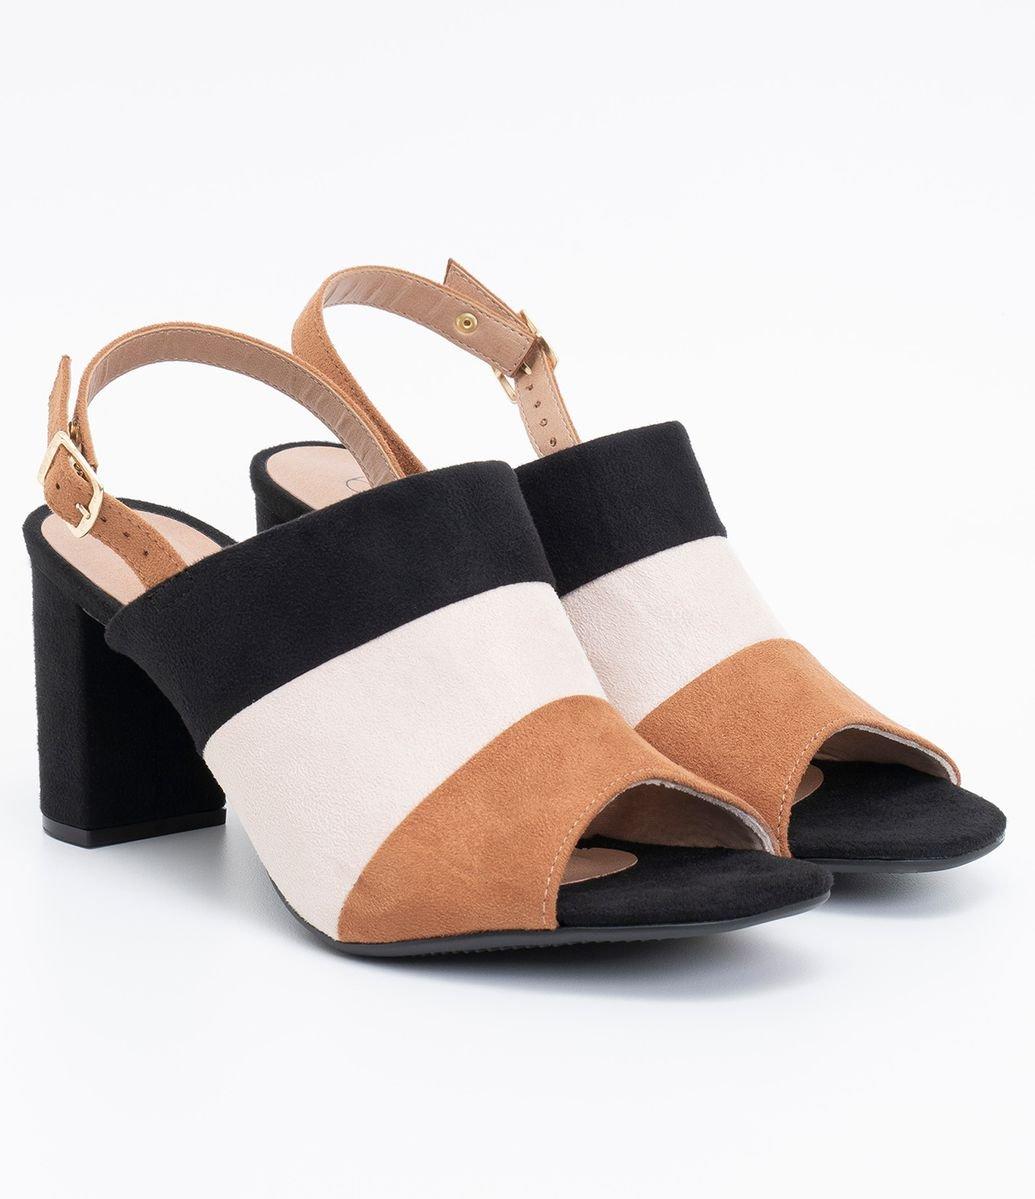 34b1ae8e7 Detalhes. Sapato feminino; Fechamento em fivela; Gáspea inteira ...